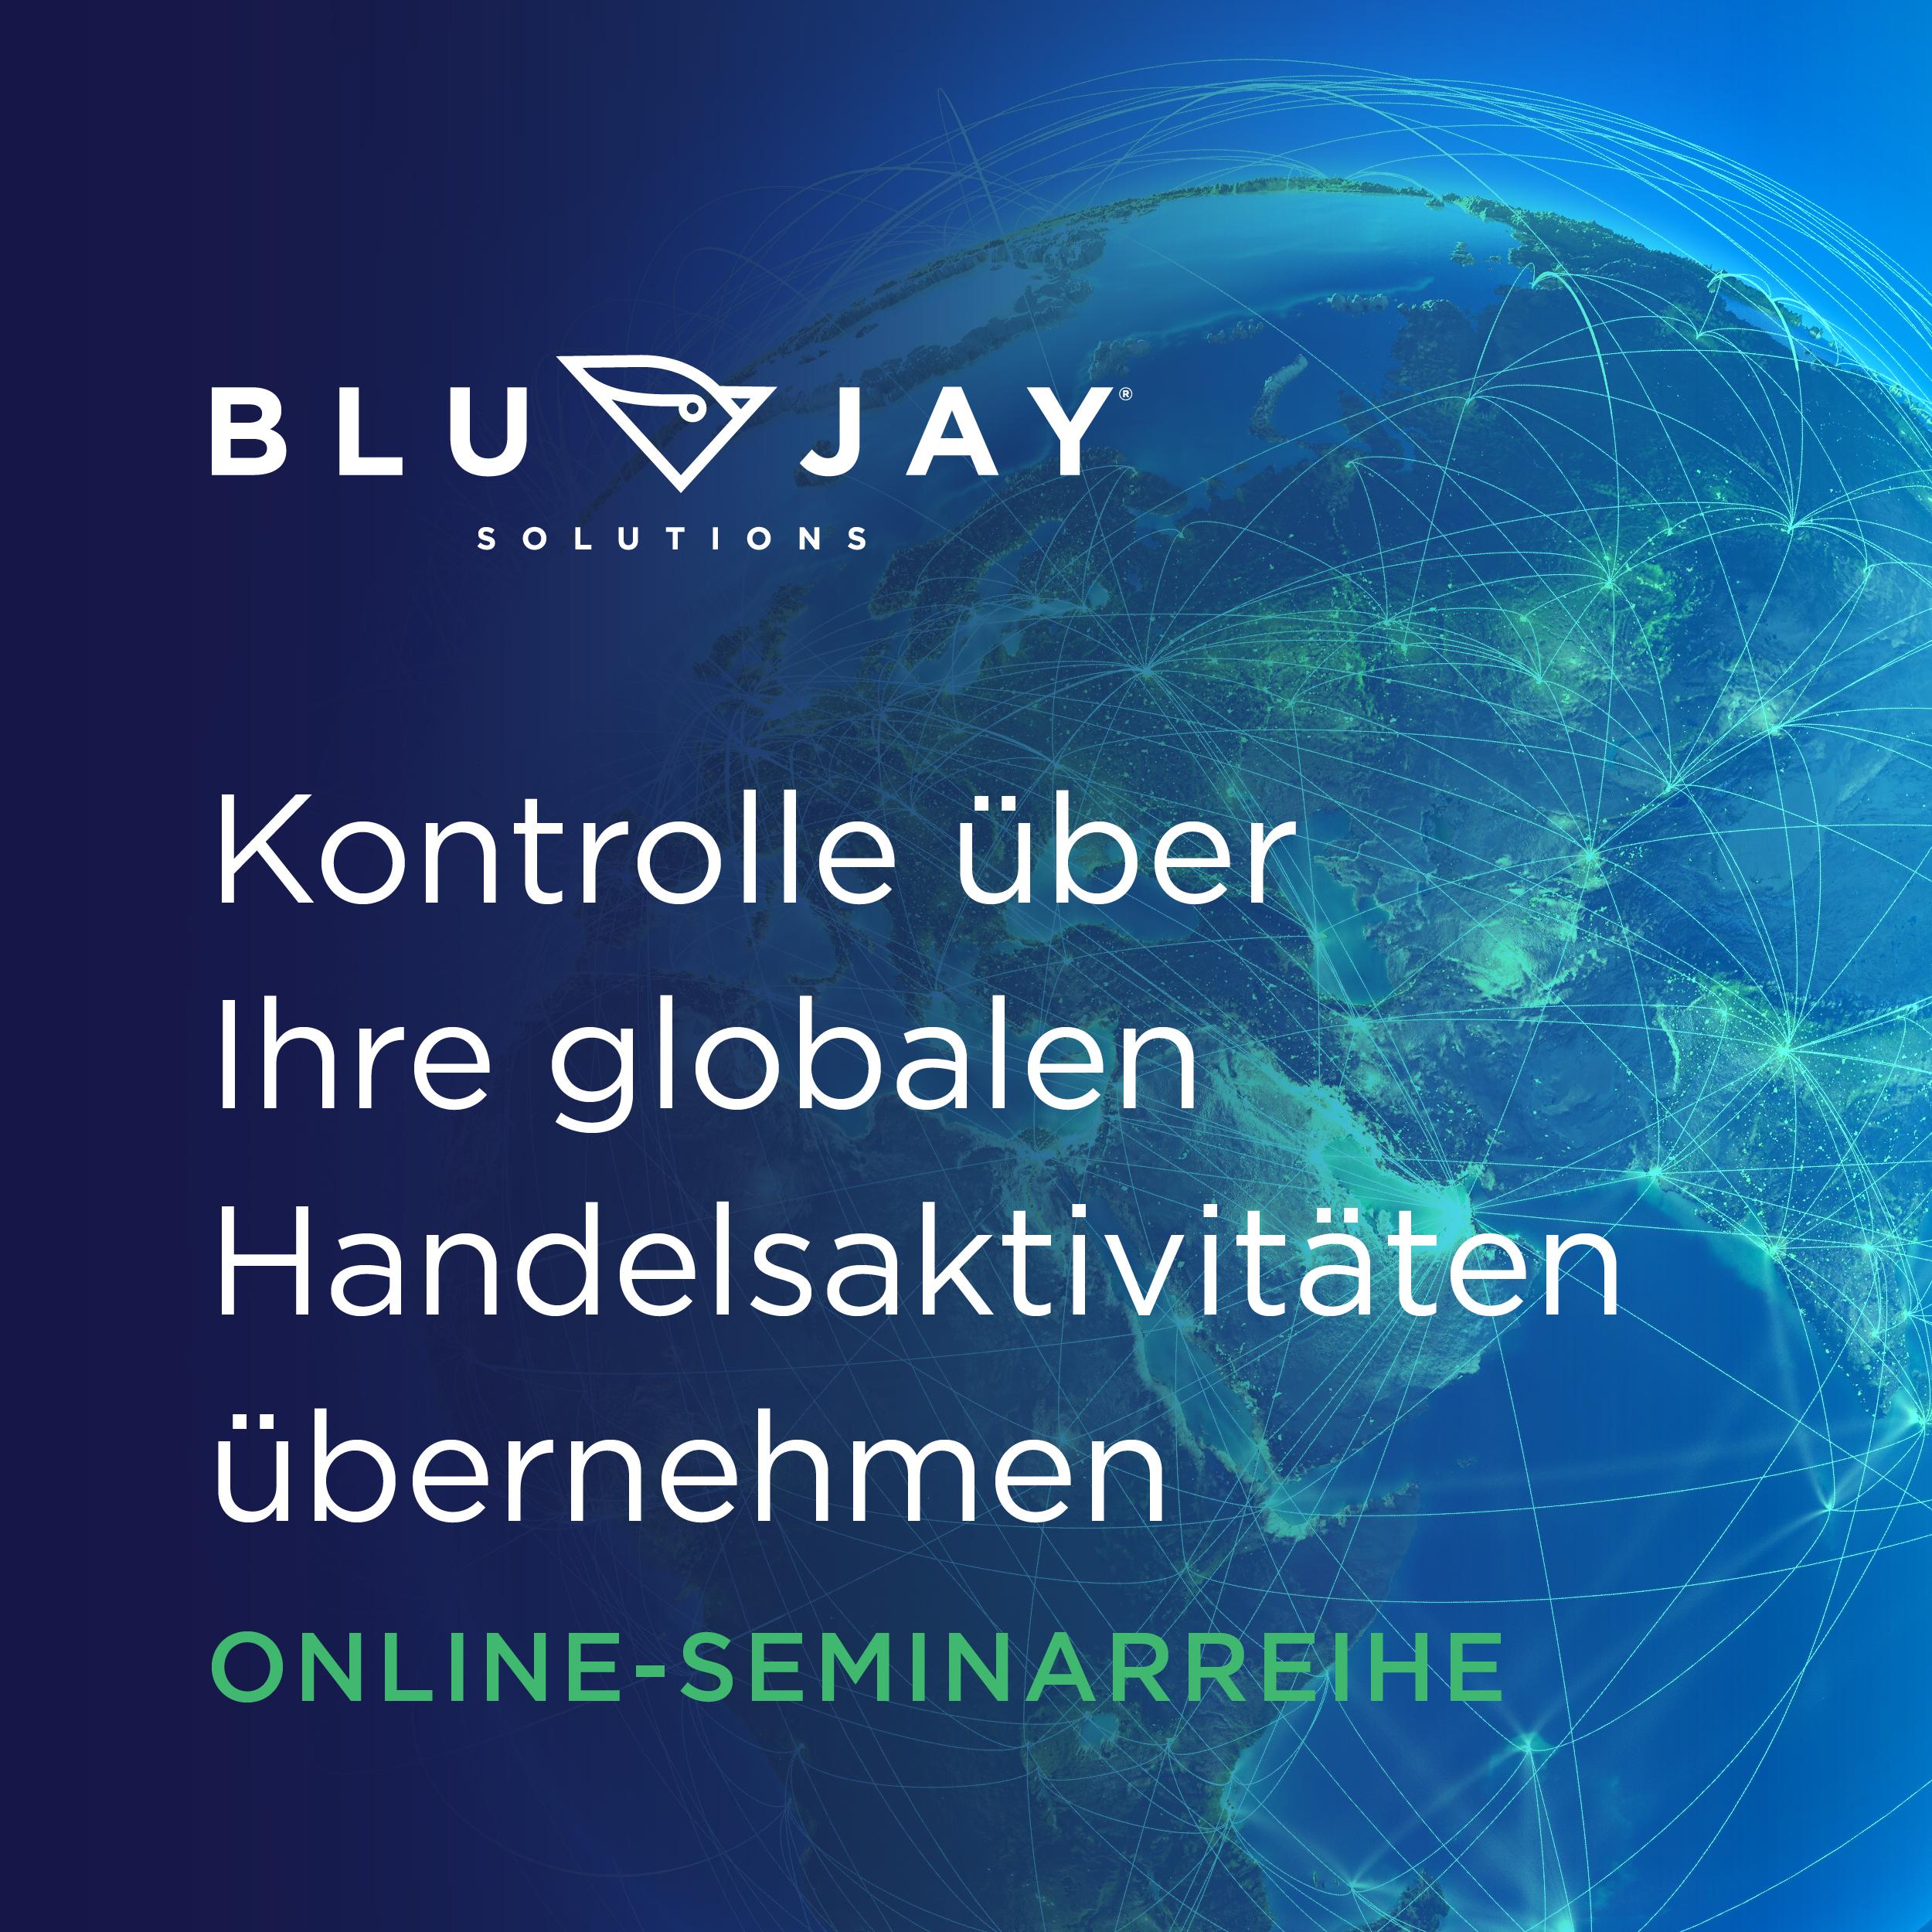 Webinar DACH BrexitSeries 600x600 HR 1 1